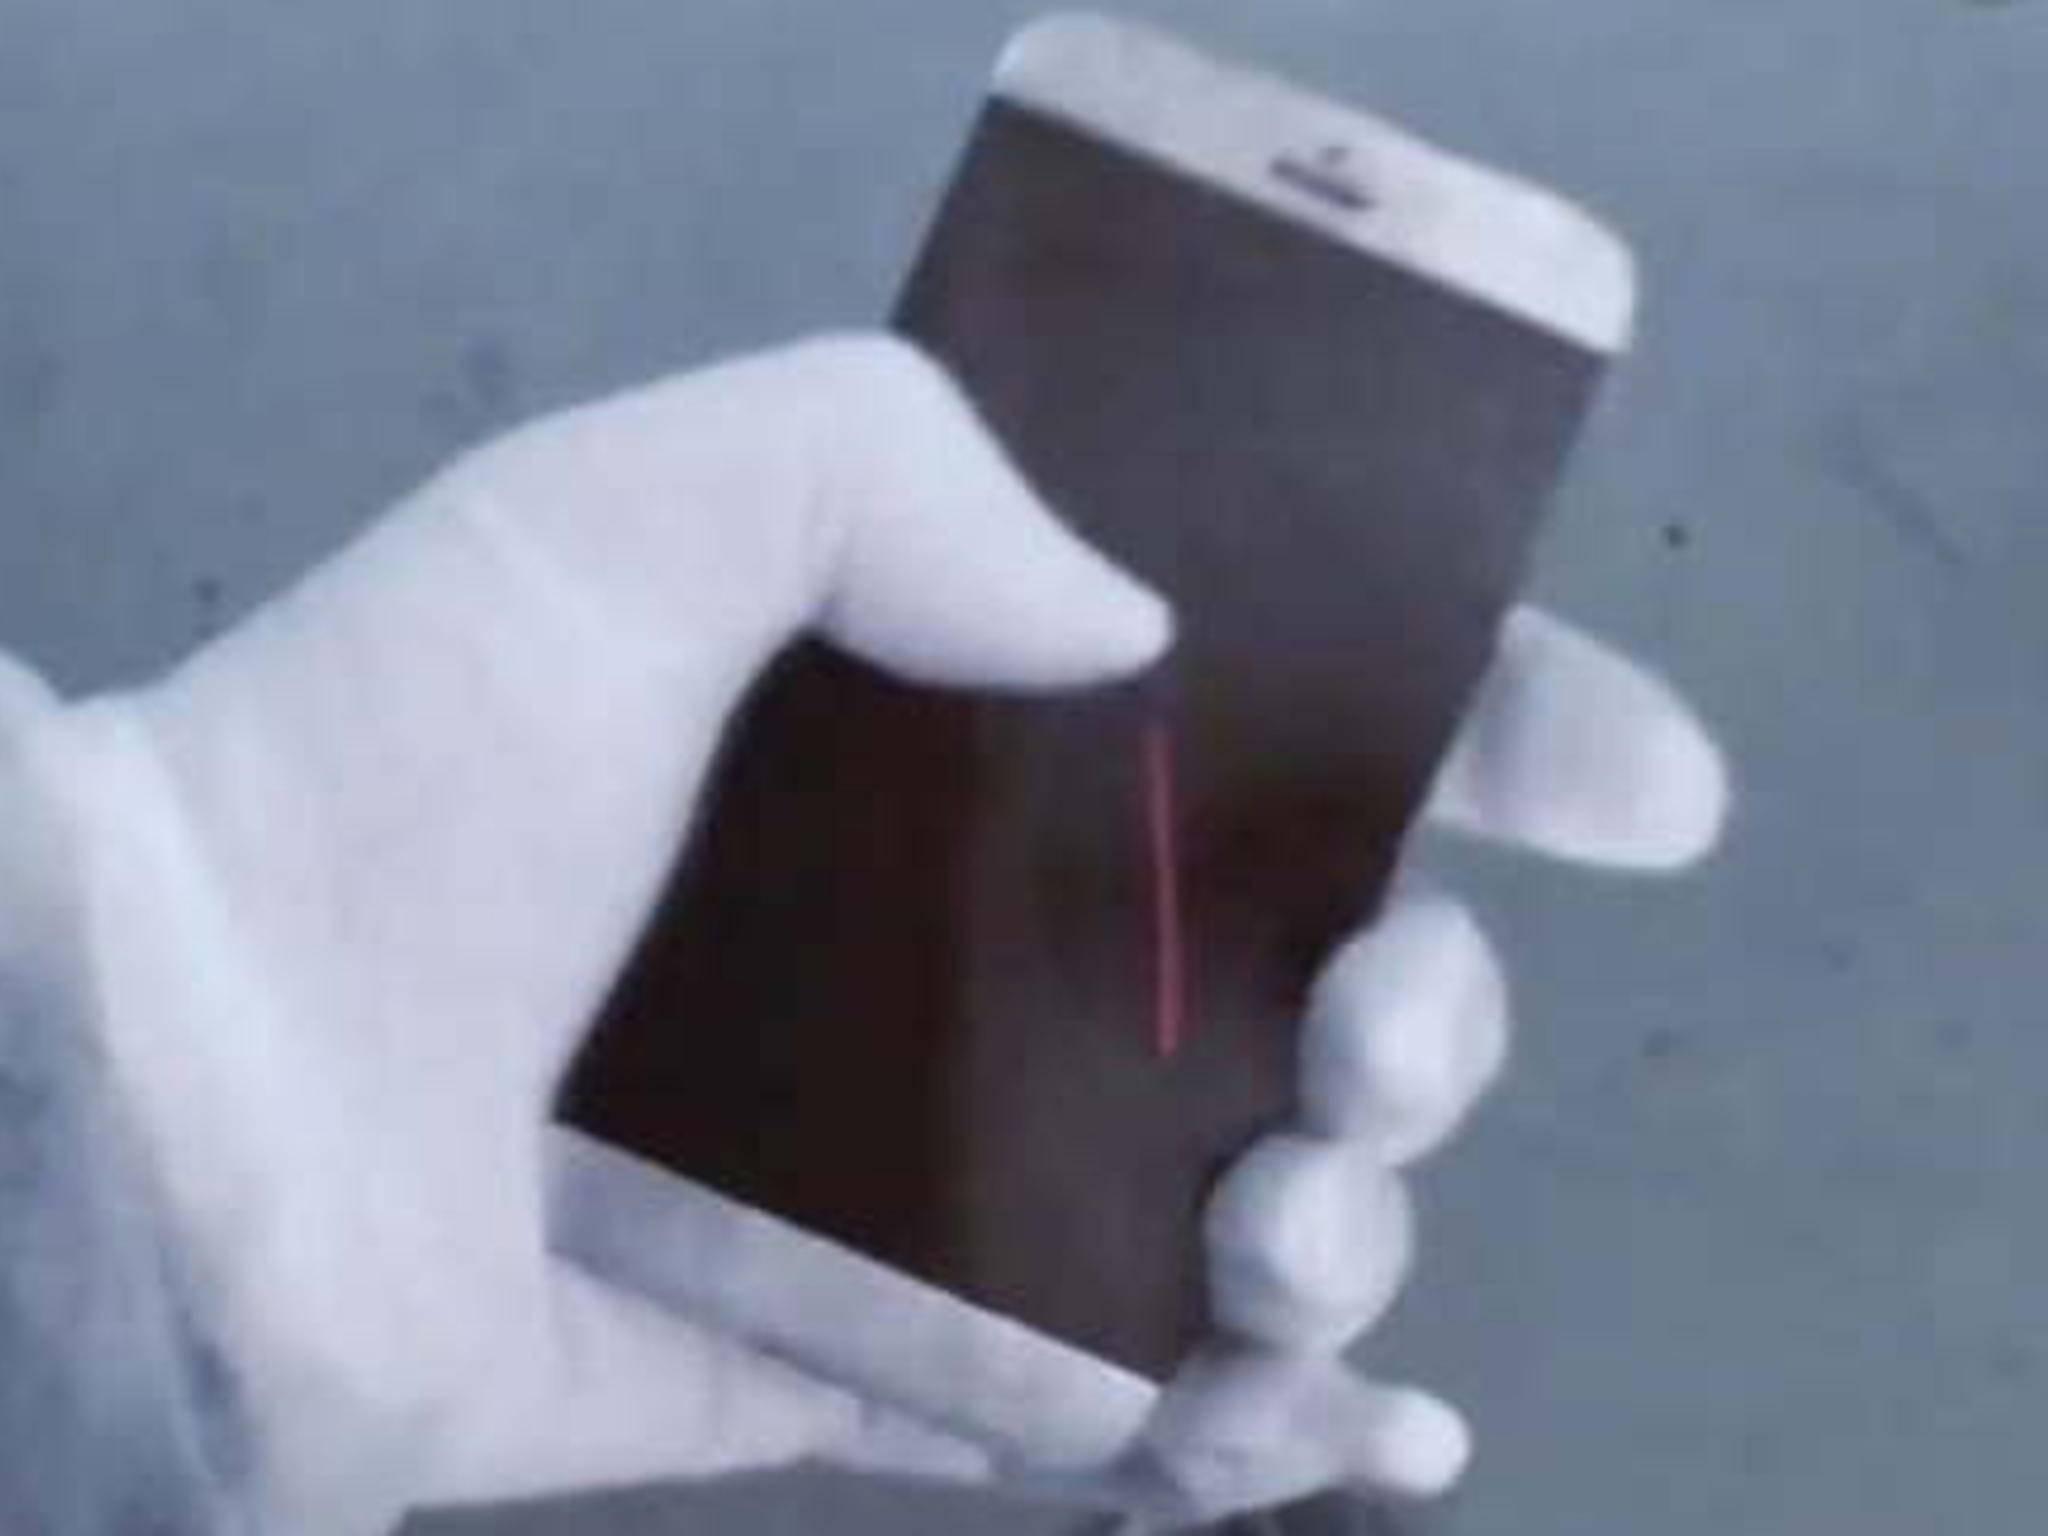 So sieht das angebliche iPhone 7 aus dem Video aus.